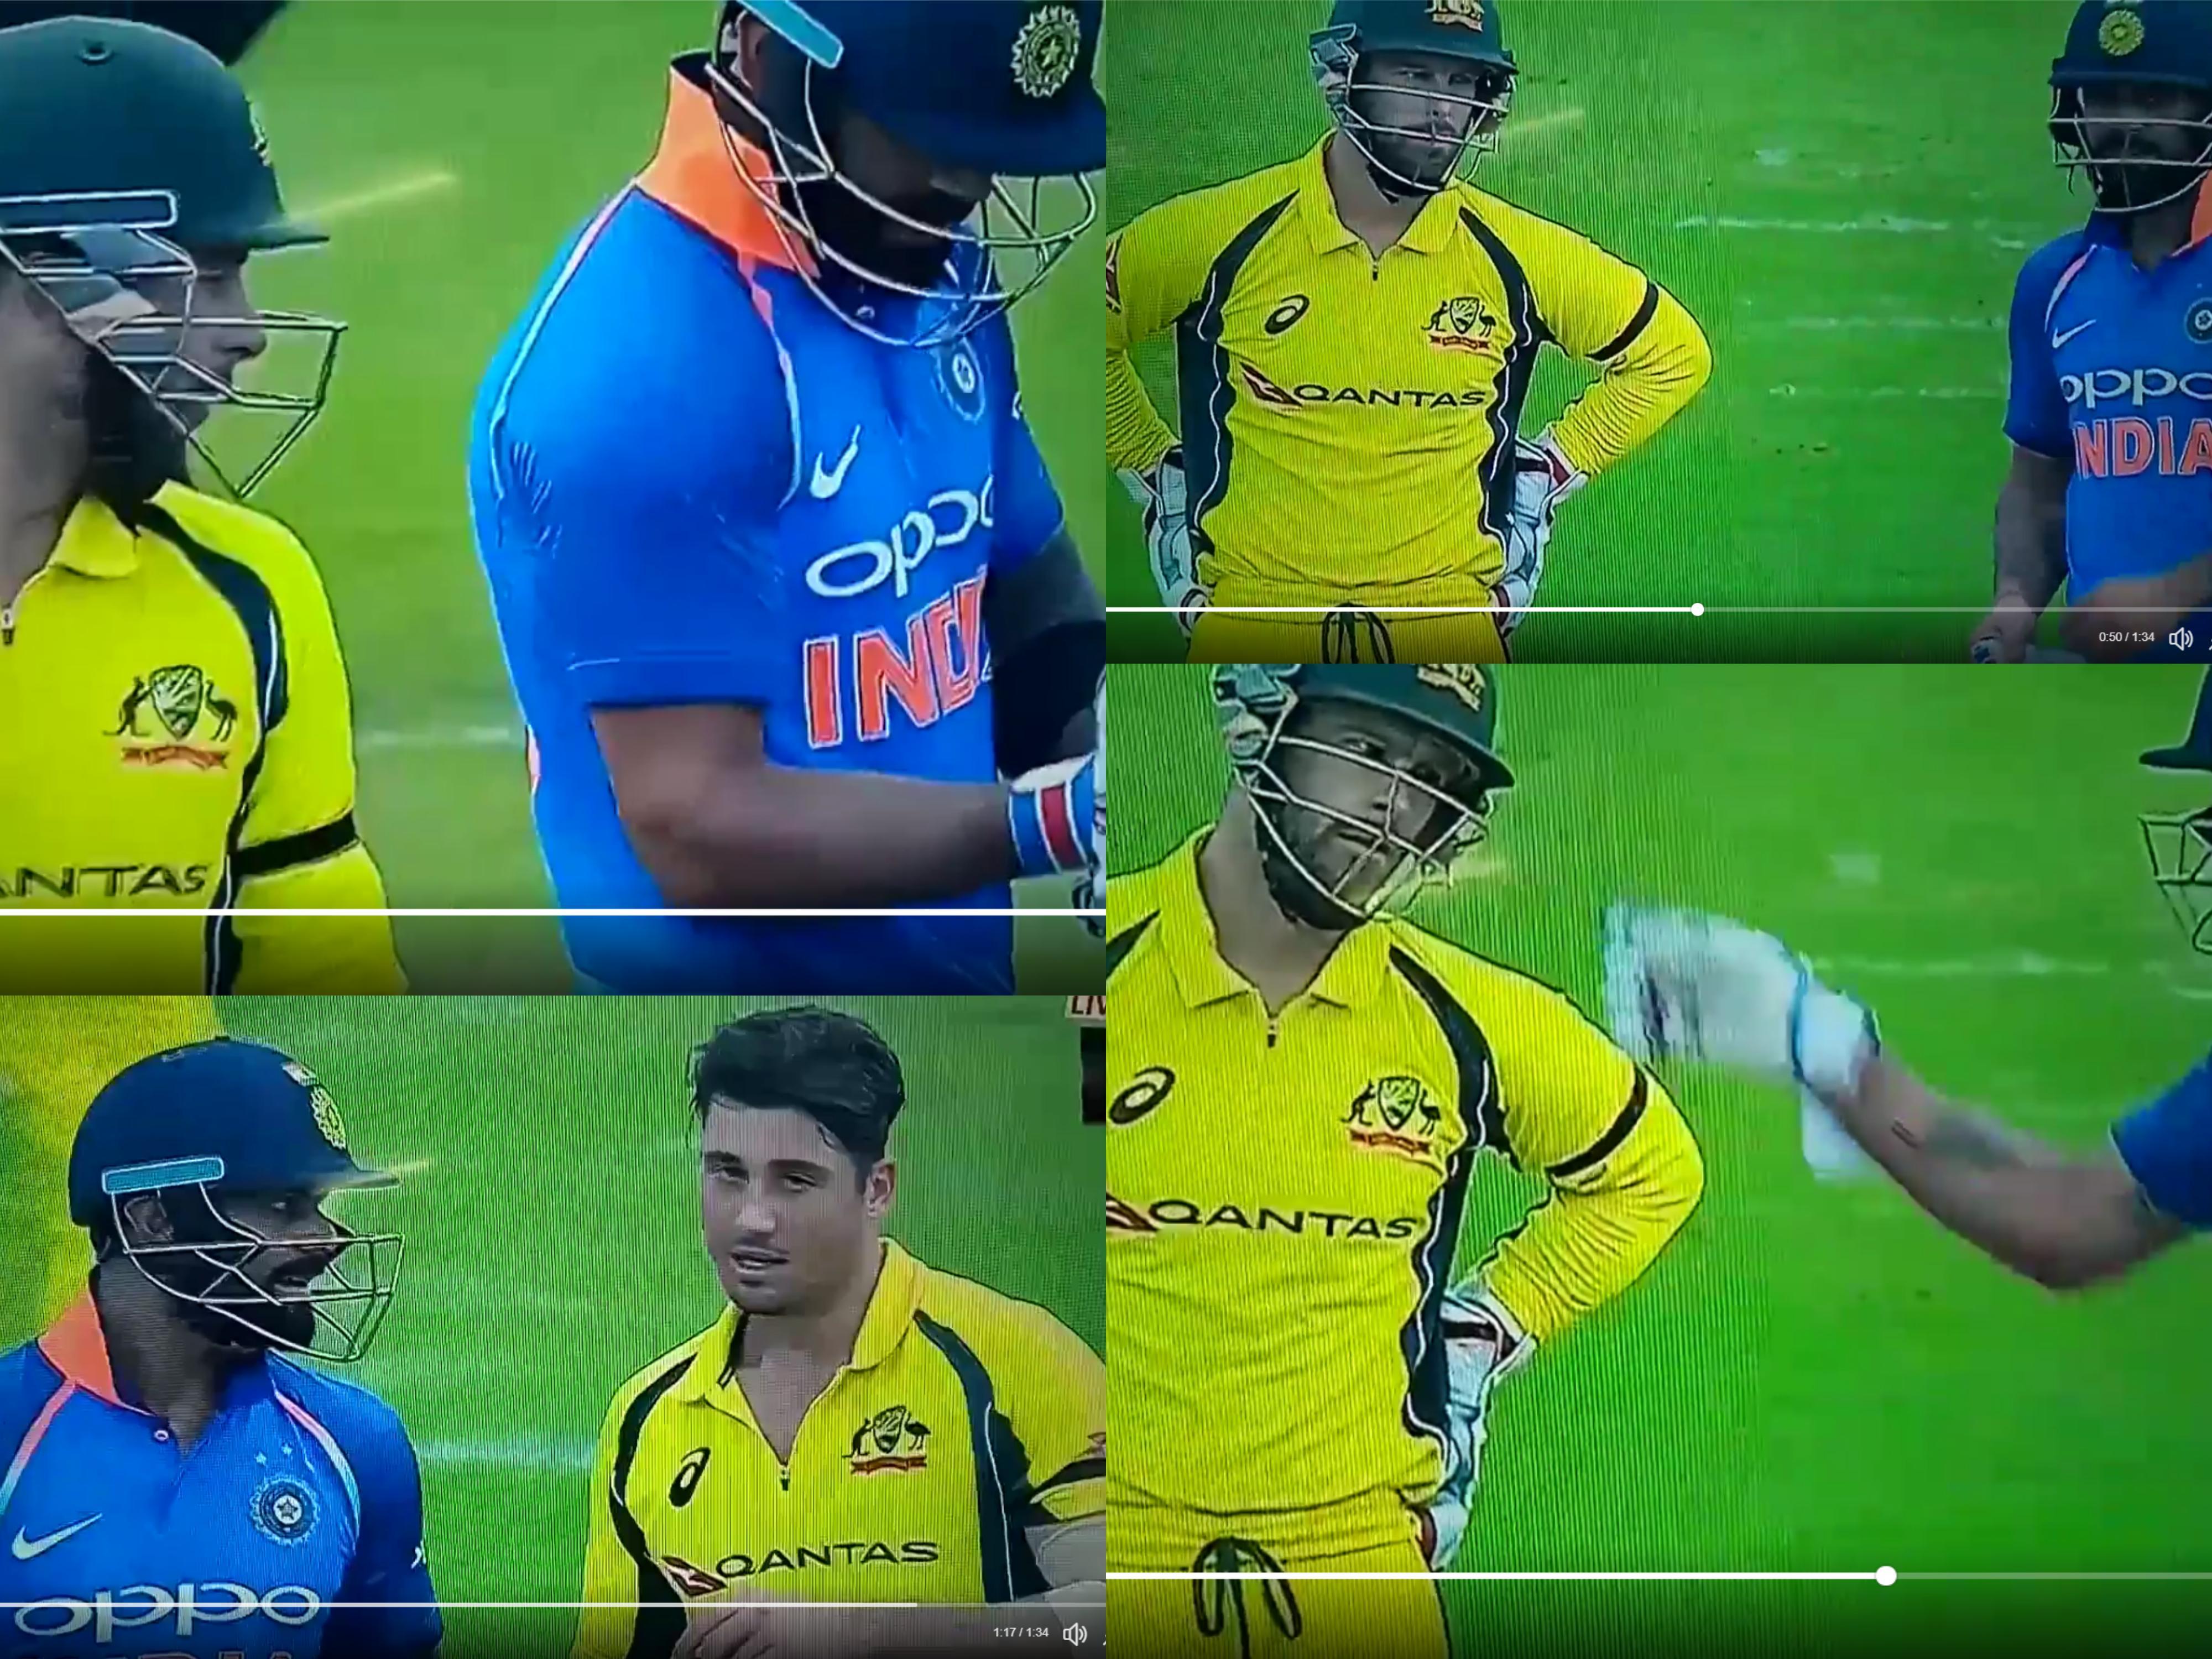 वीडियो: दुसरे मैच में ऑस्ट्रेलिया के खिलाफ दिखा विराट कोहली का गुस्सा और फिर जो हुआ वो काफी चौकाने वाला था 1